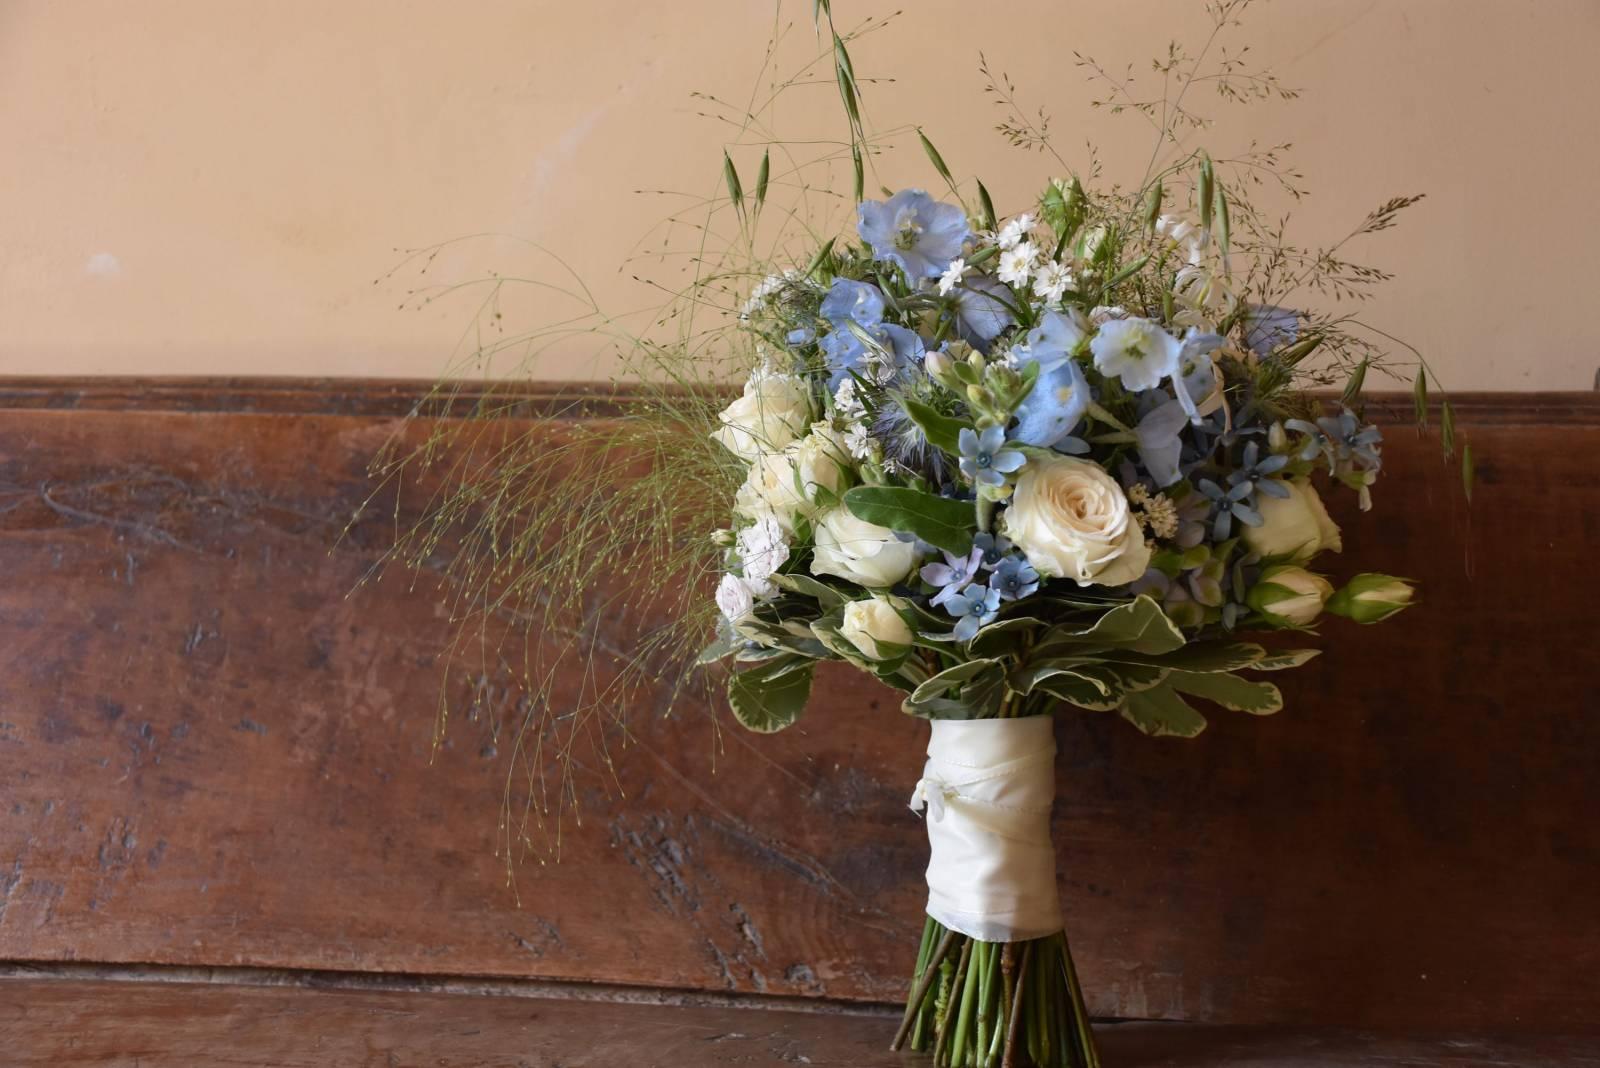 Floral Artists - Bloemen huwelijk trouw bruiloft - Bruidsboeket - Bloemendecoratie - House of Weddings - 9